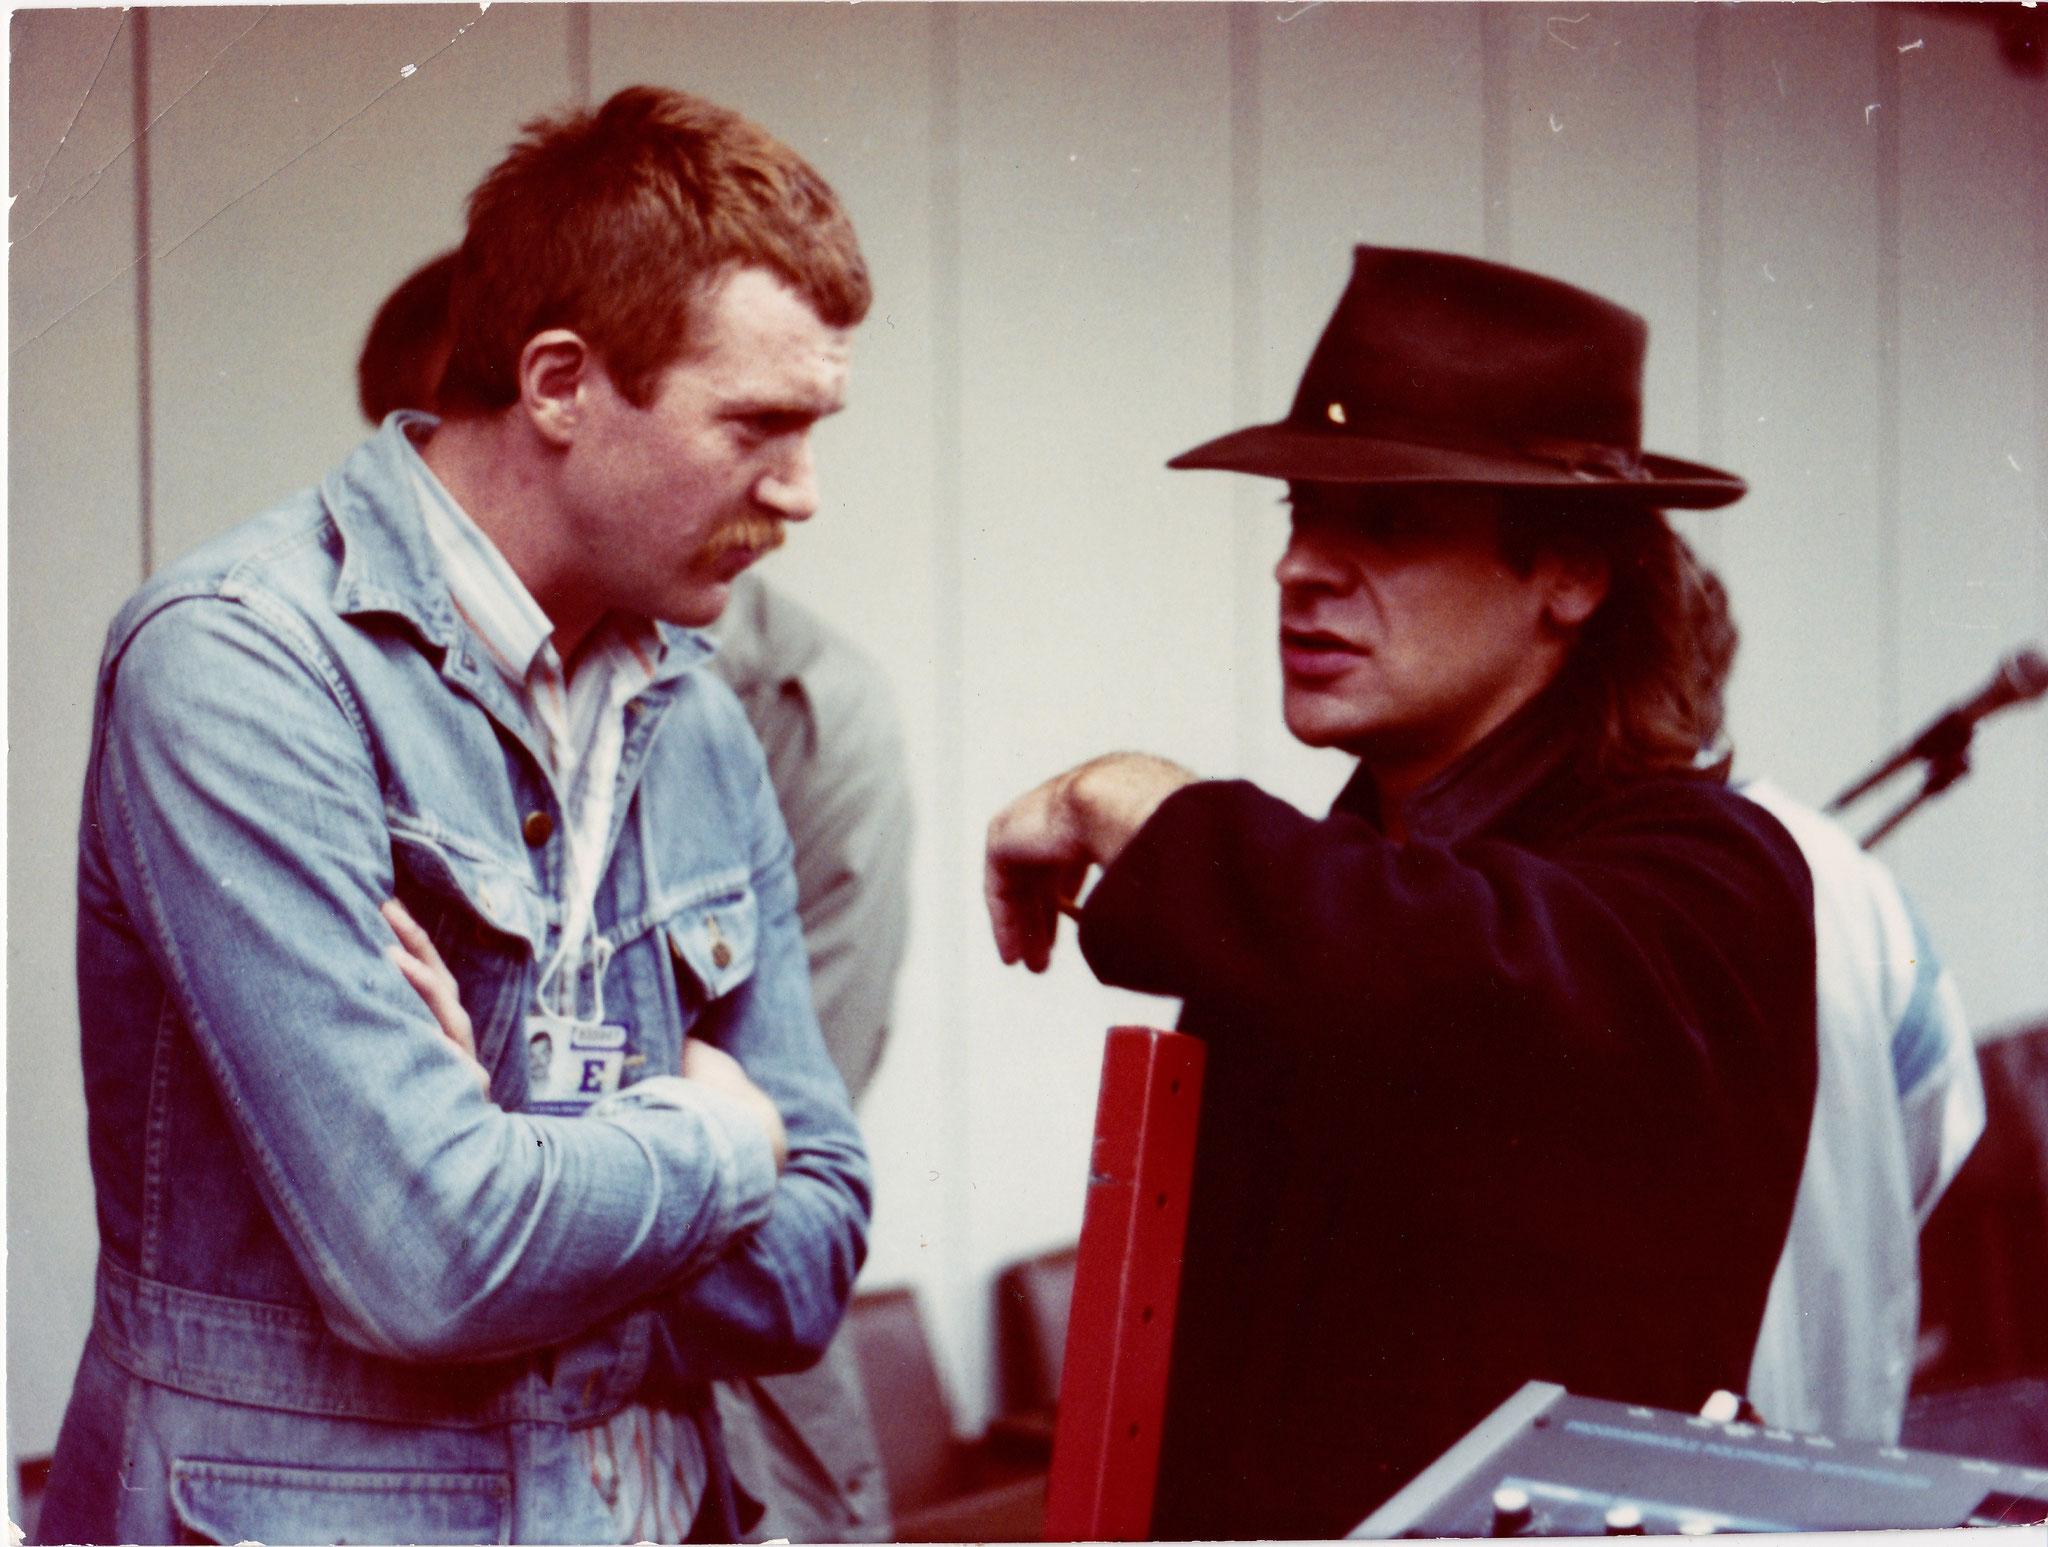 Dreharbeiten mit Udo Lindenberg, 1985